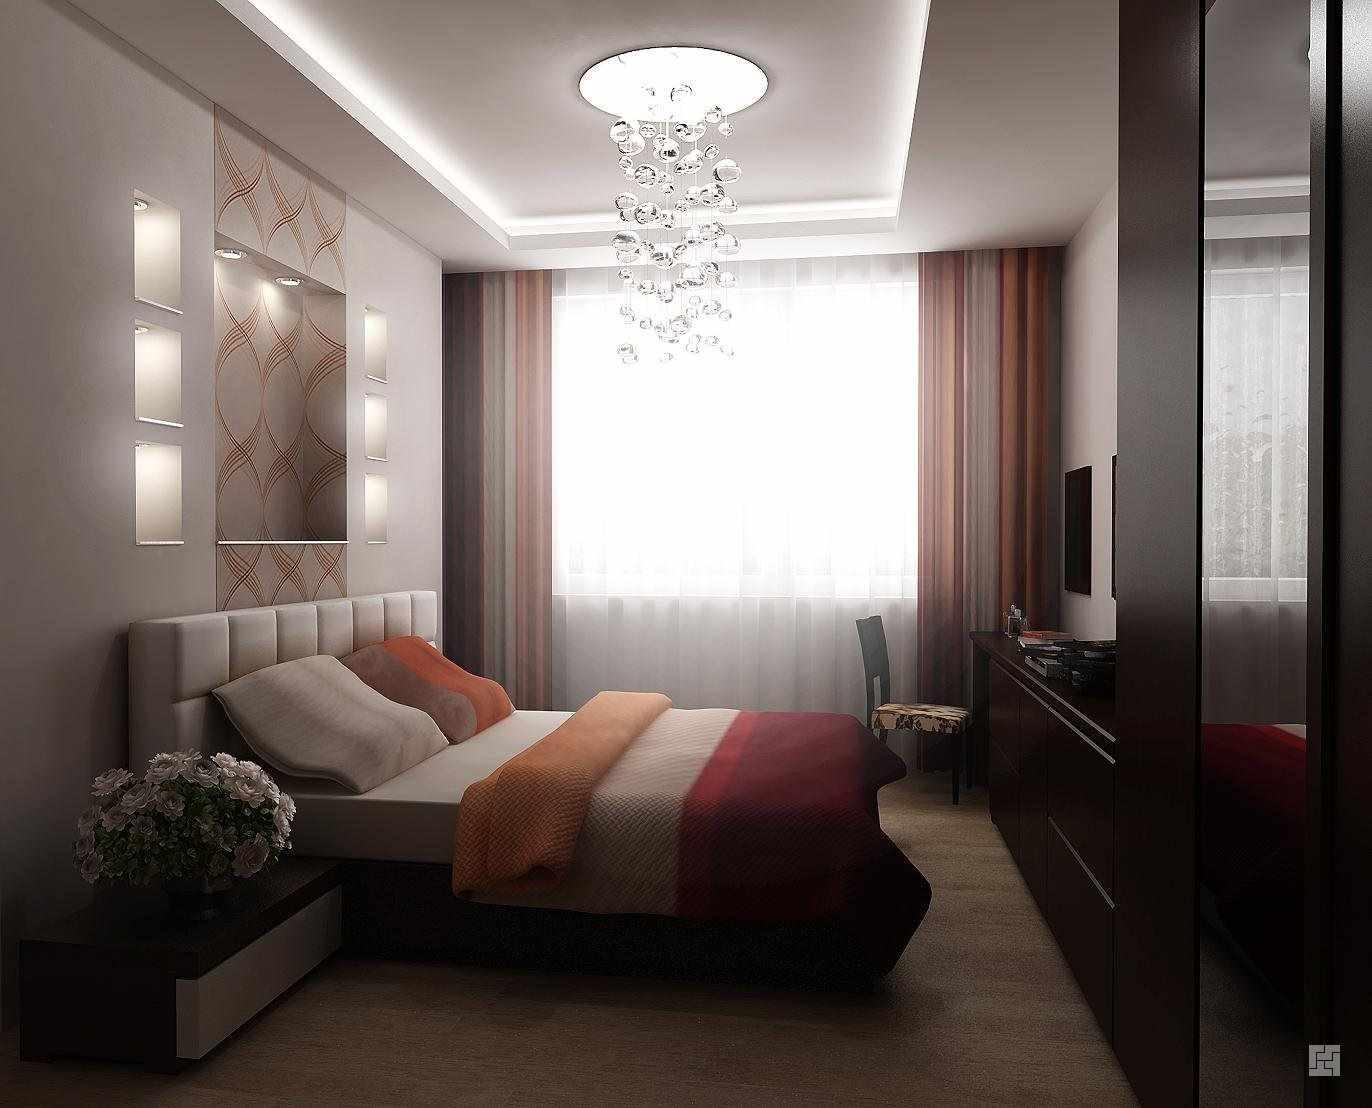 Un exemple du style léger d'une chambre étroite